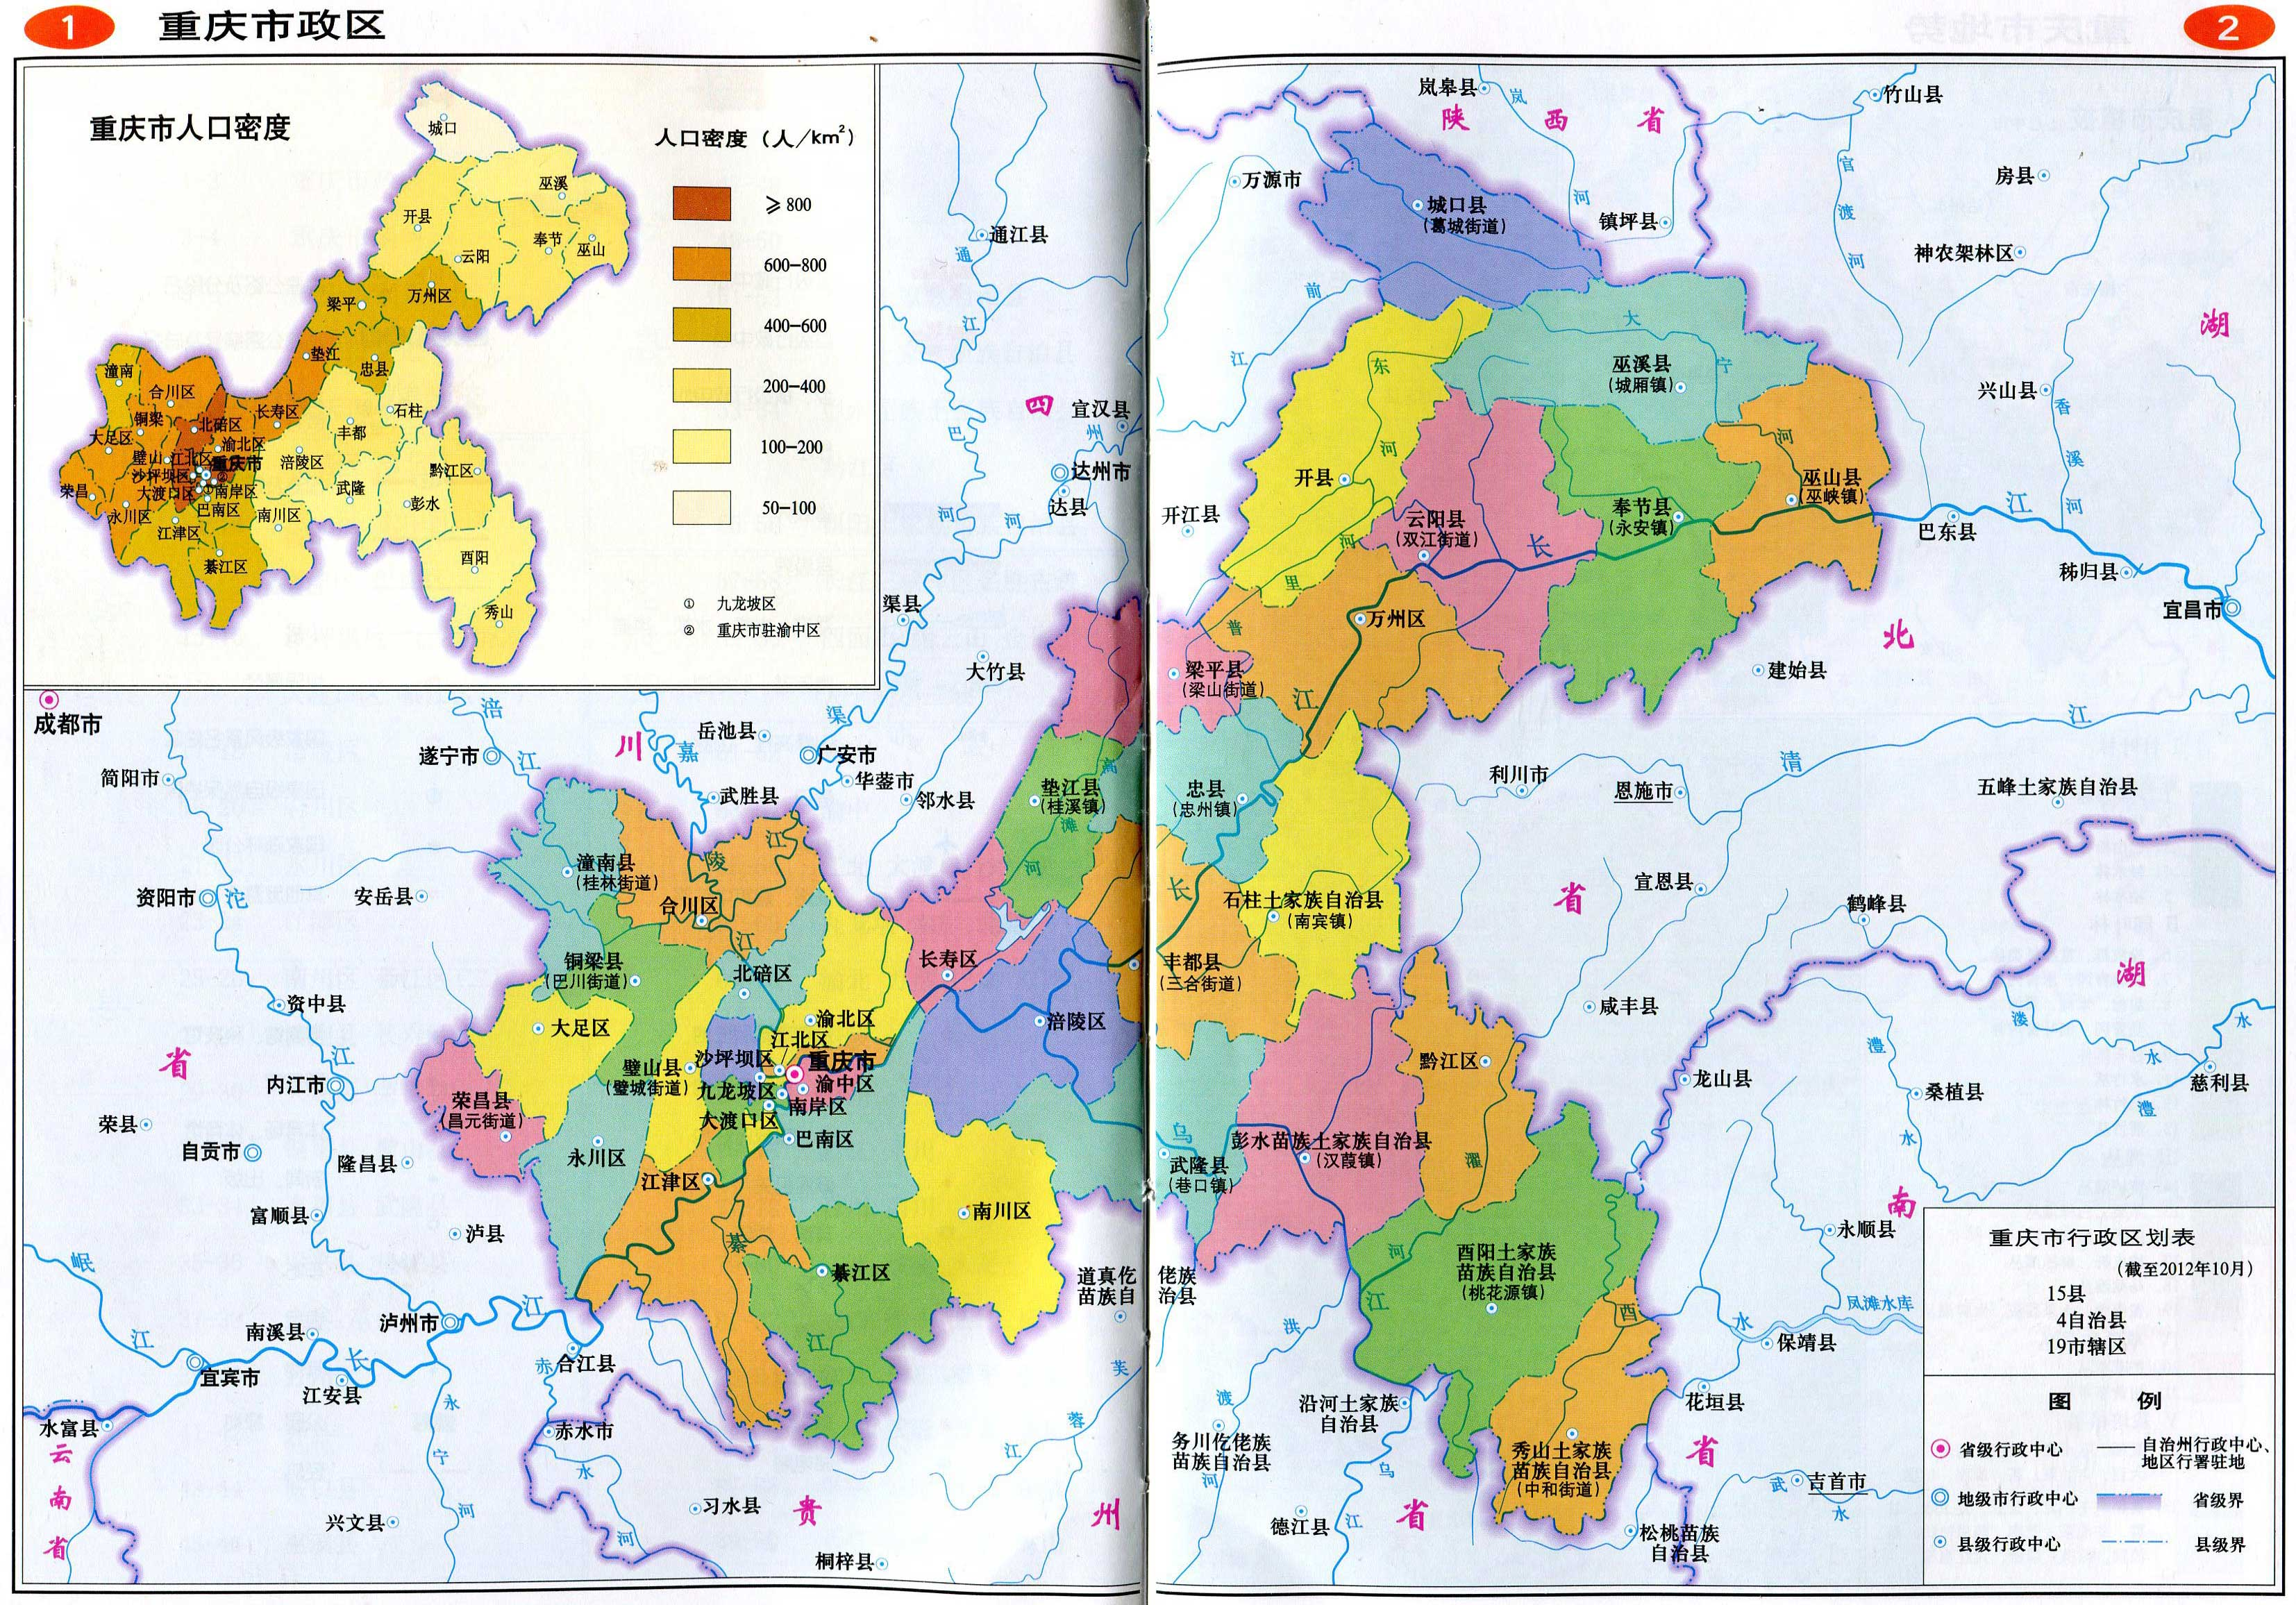 重庆市区旅游景点地图